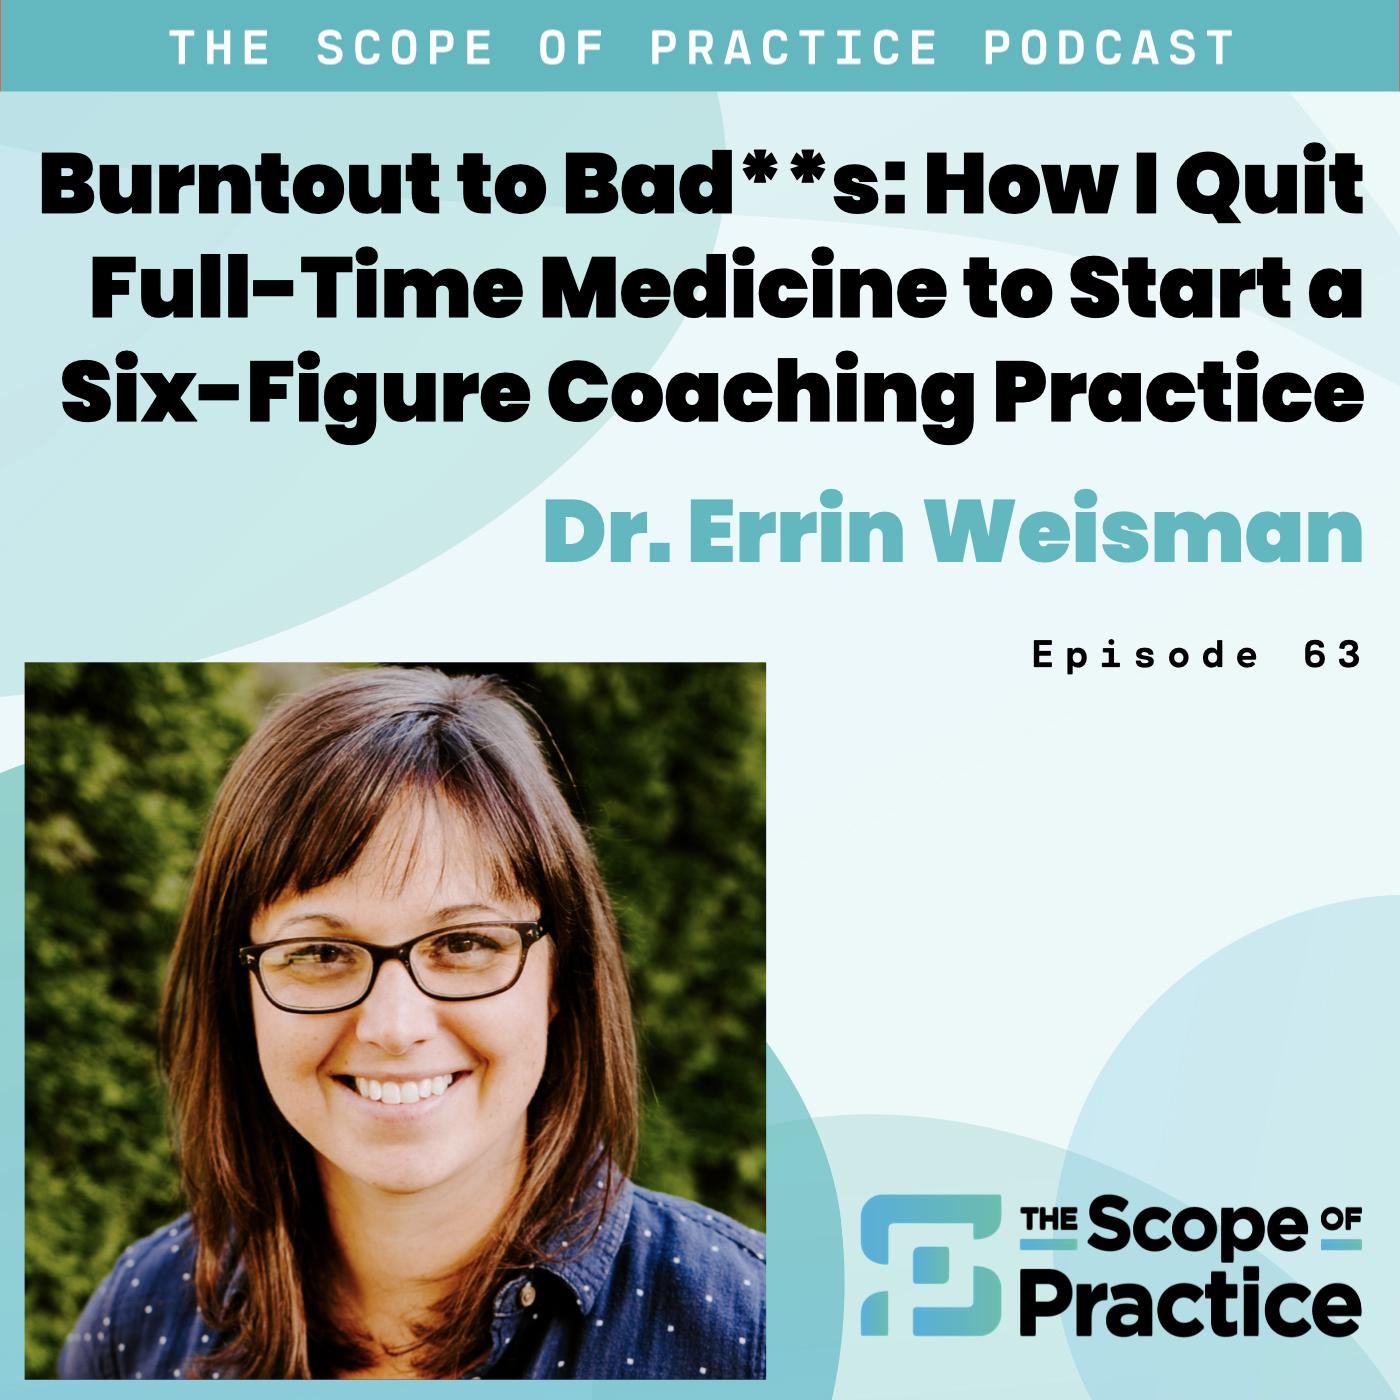 Dr. Errin Weisman